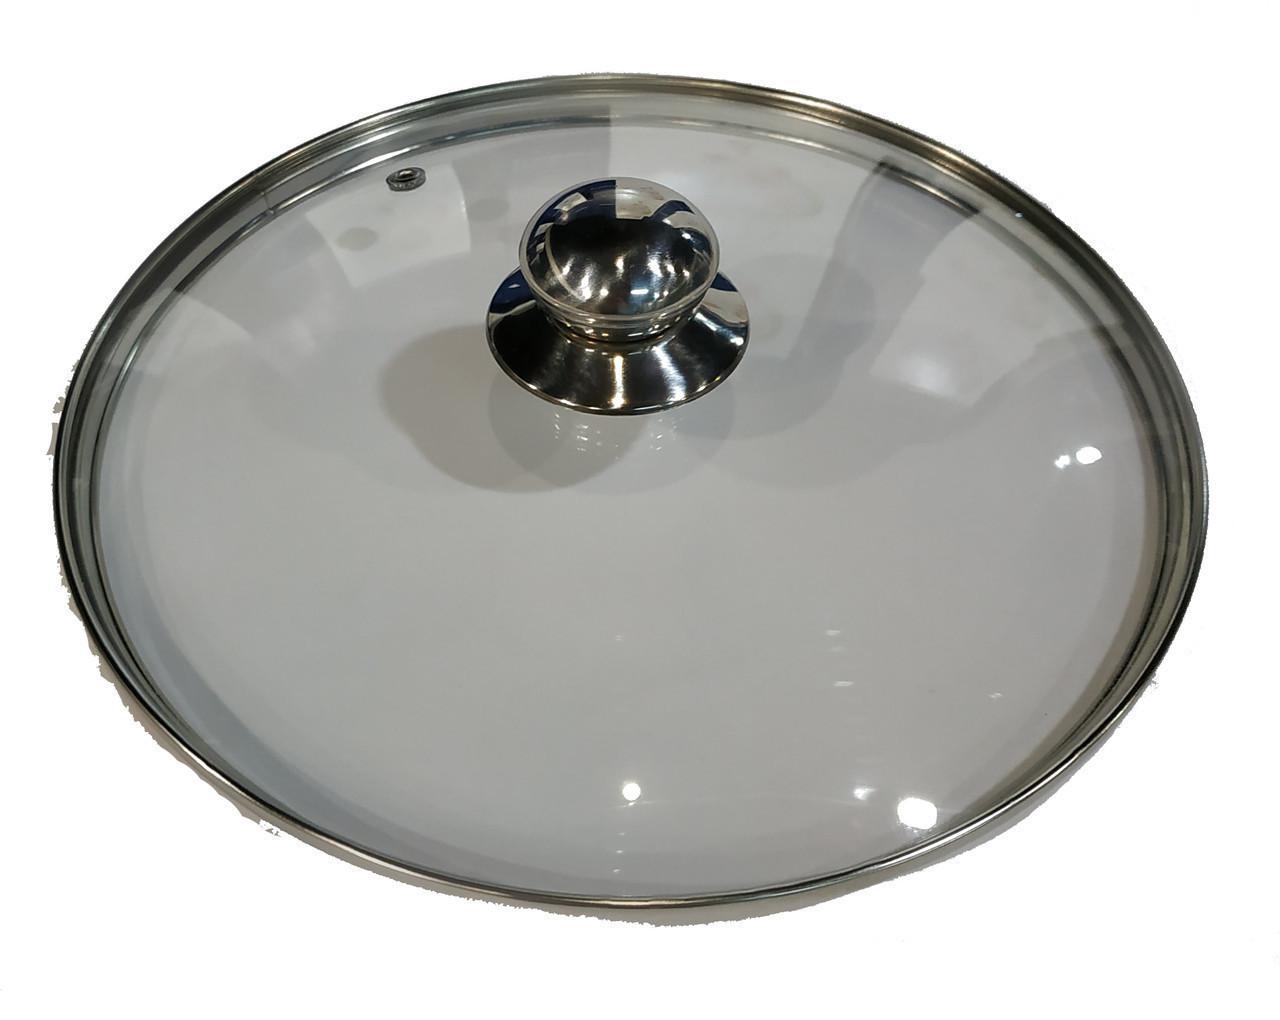 Крышка из закаленного стекла Benson BN-1004 (22 см) | стеклянная крышка на кастрюлю Бенсон | крышка стекло